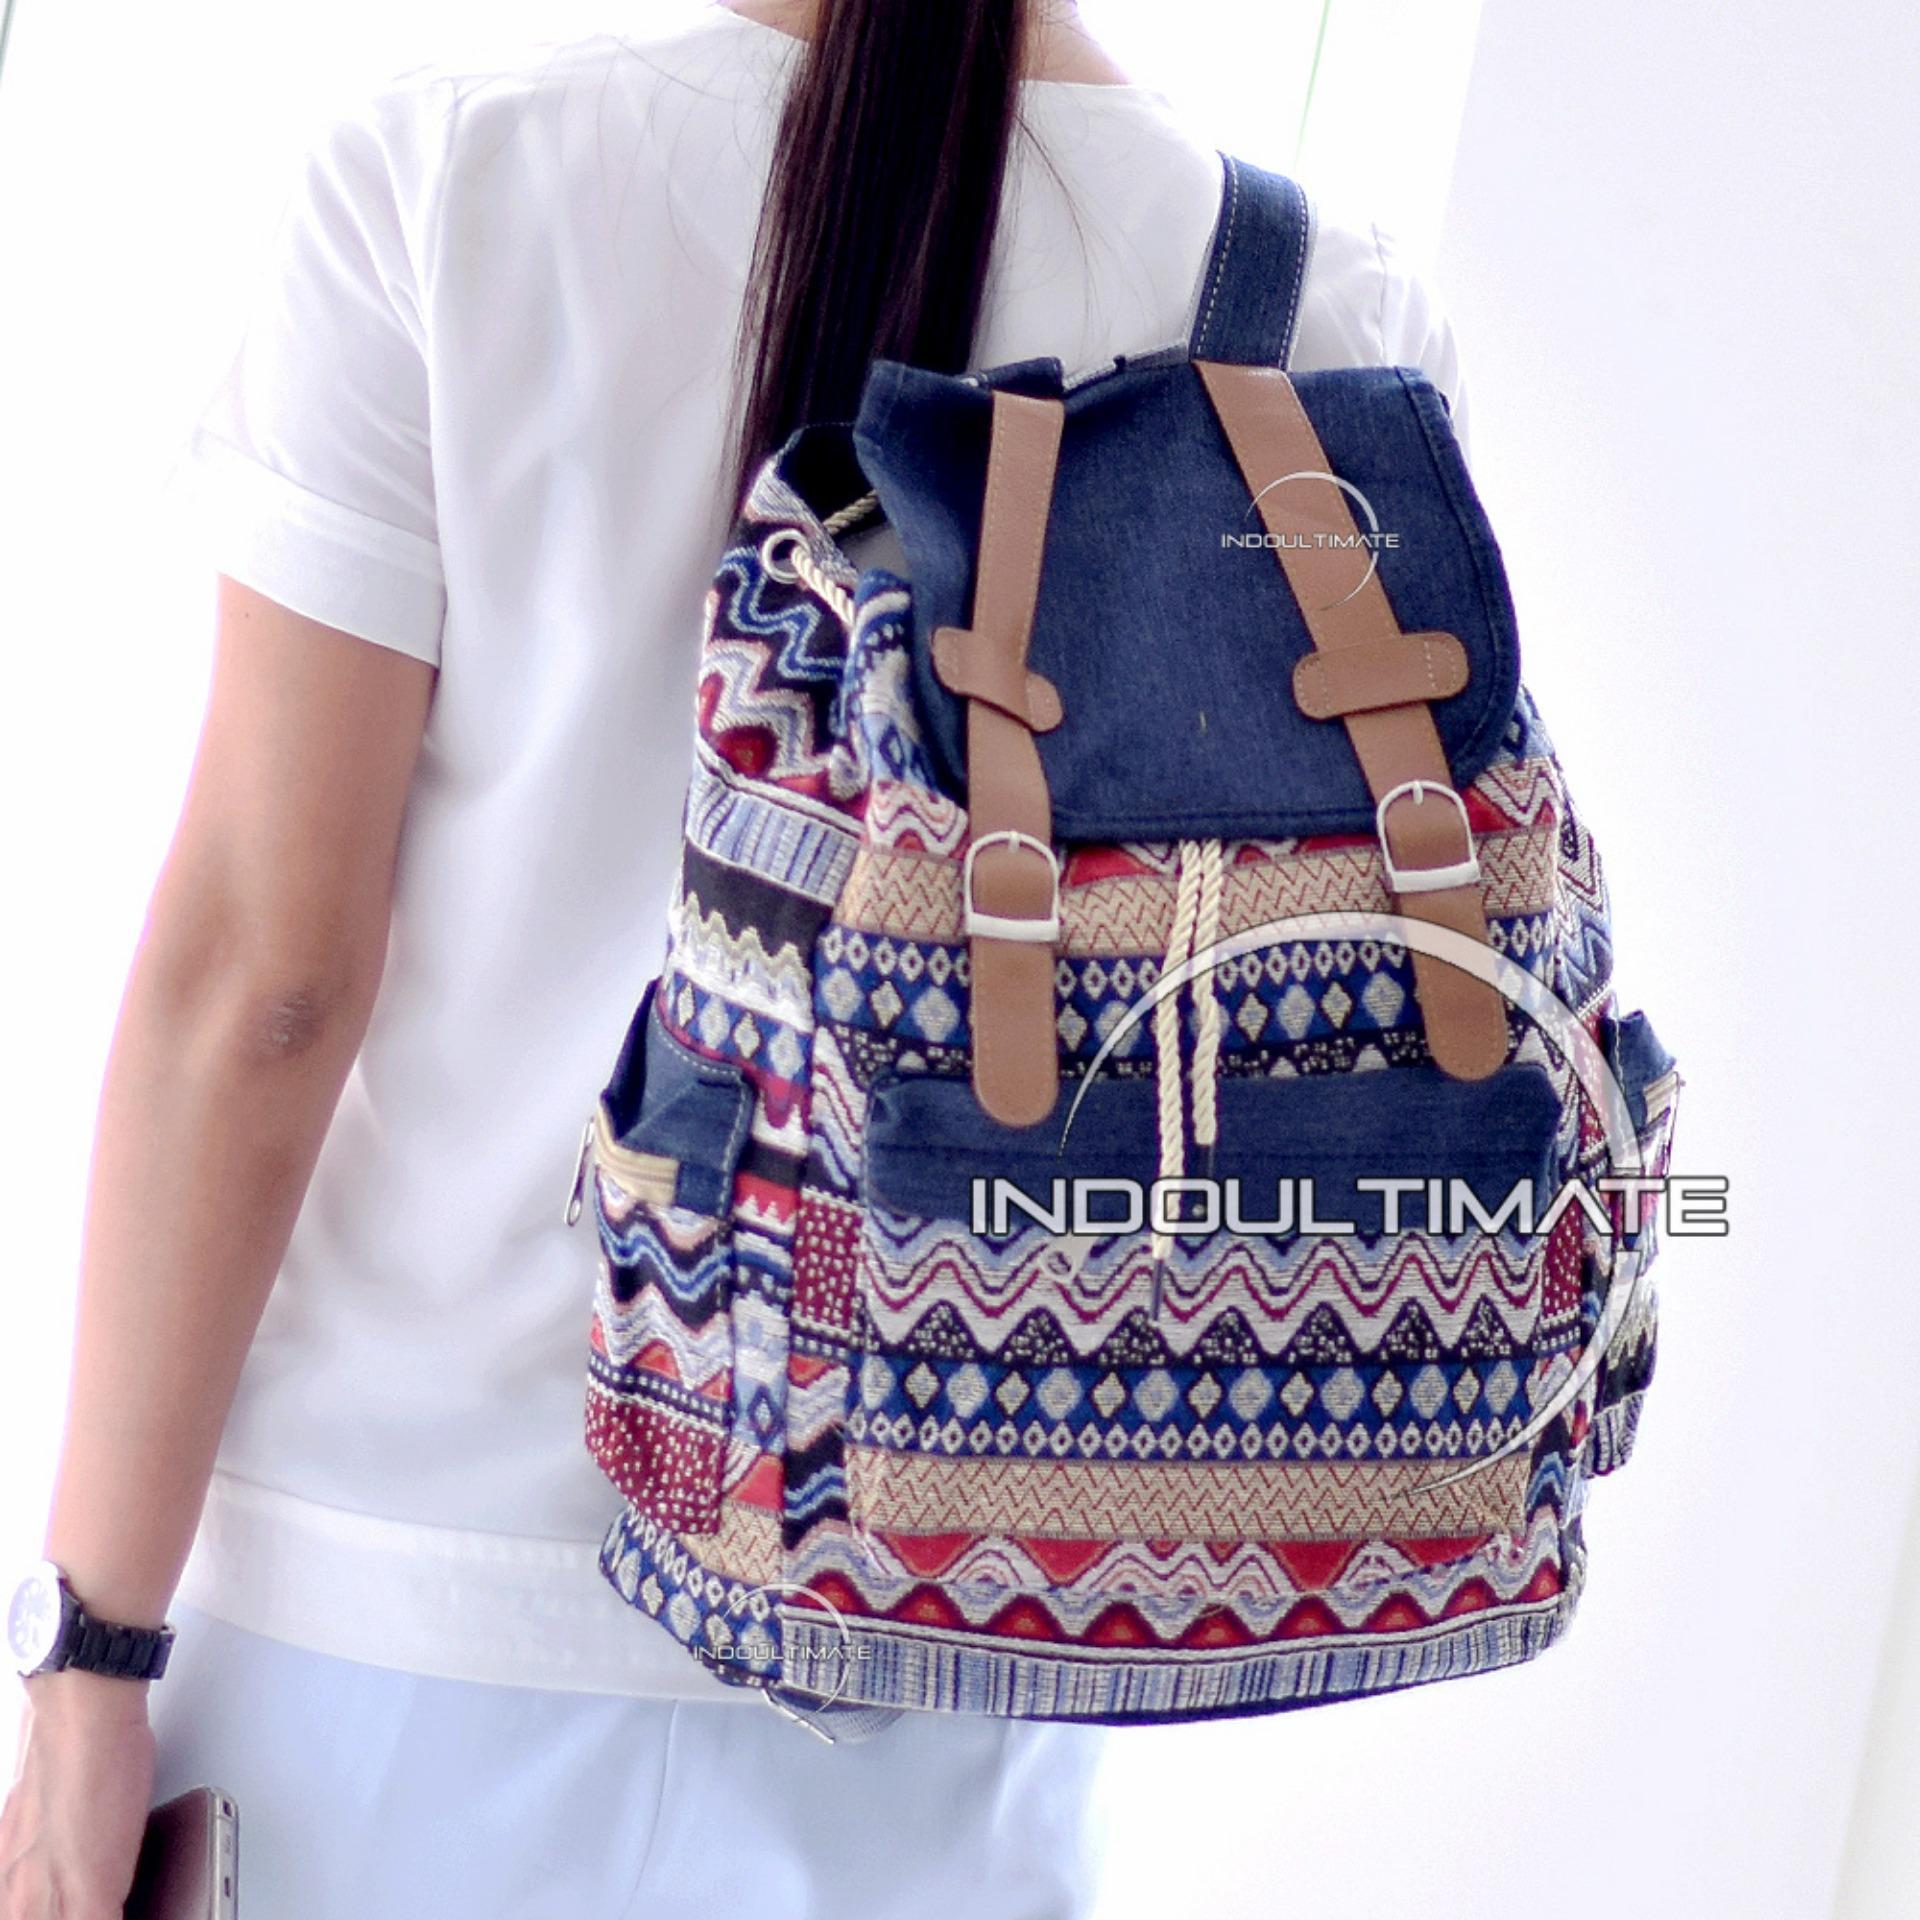 Ultimate Tas Backpack Unisex Pria Wanita   Punggung   Ransel Kuliah Fancy  Etnic   Tas Sekolah cca740962b